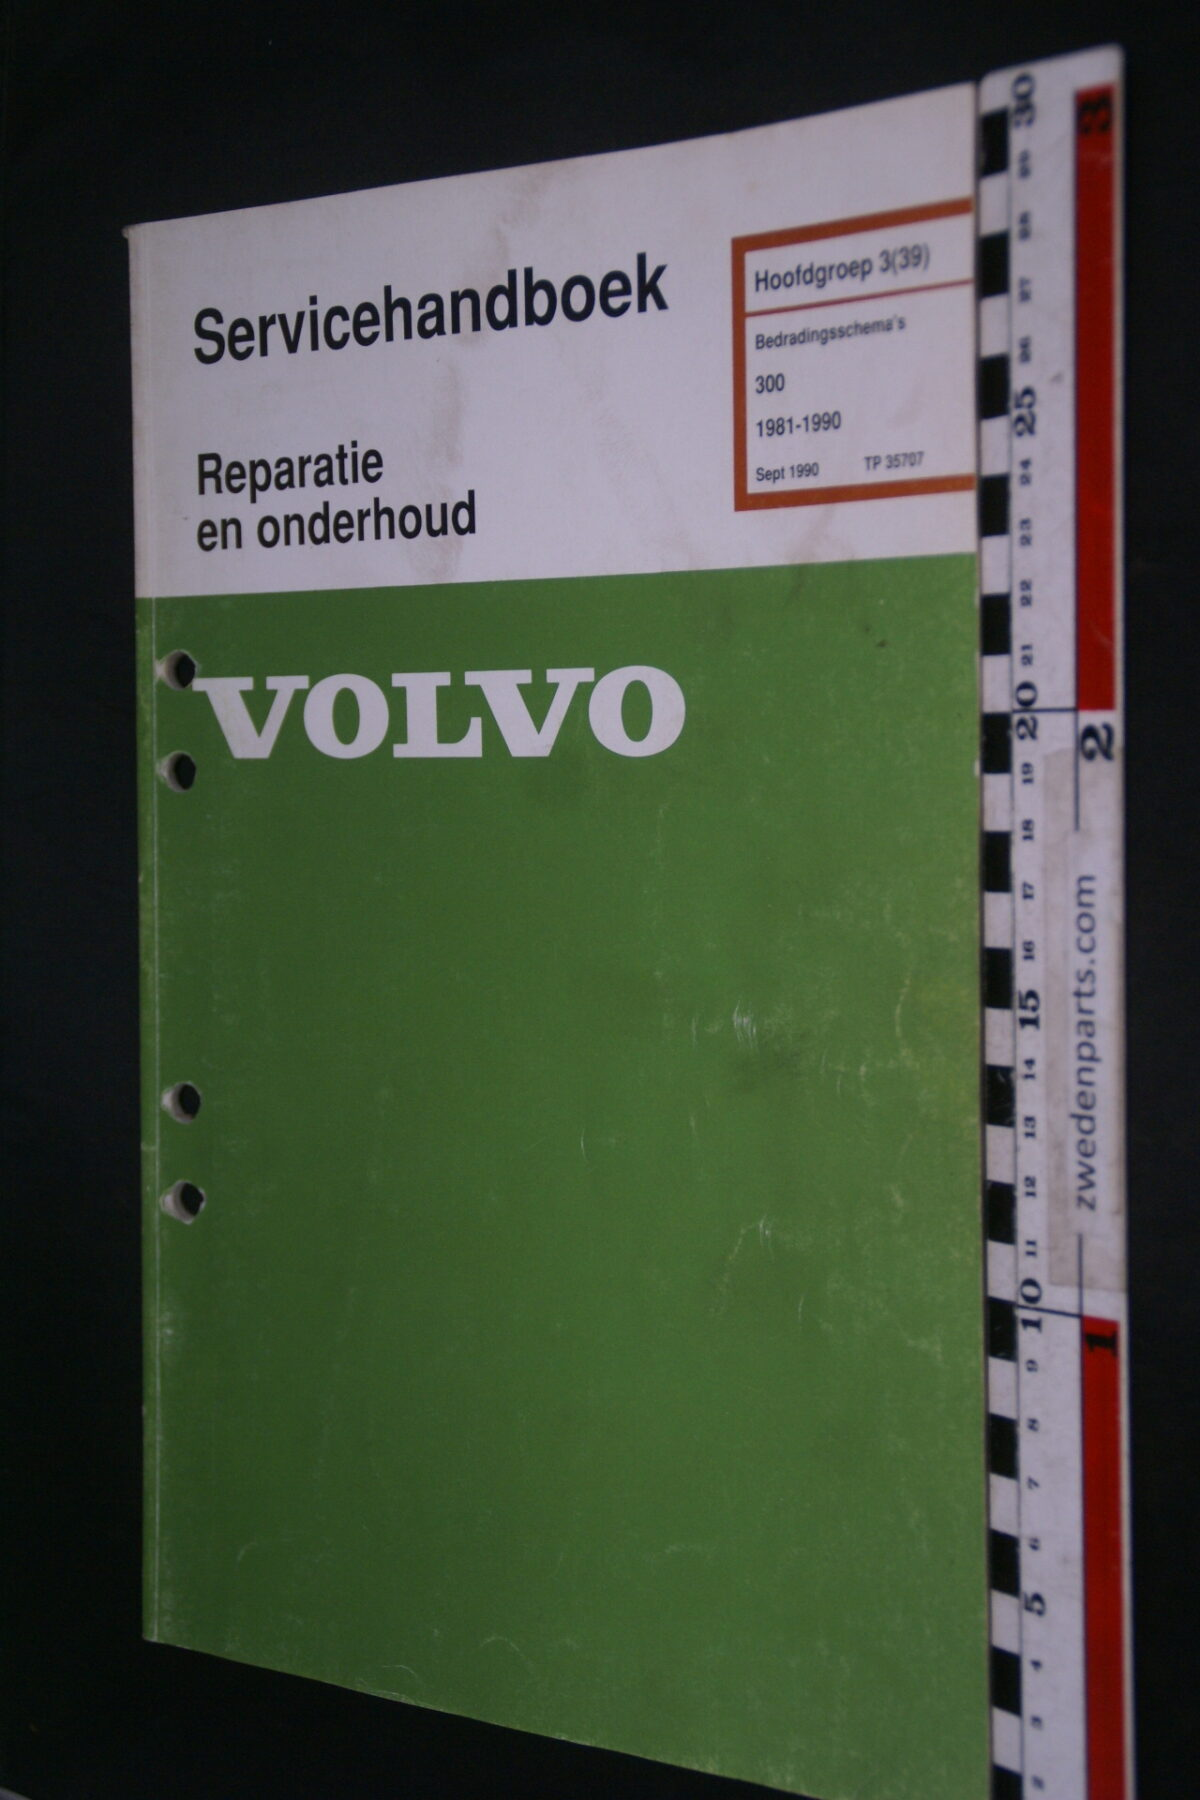 DSC09022 1993 origineel  Volvo 300 servicehandboek bedradingsschema 3 (39)  1 van 1.200 nr TP 35707-1